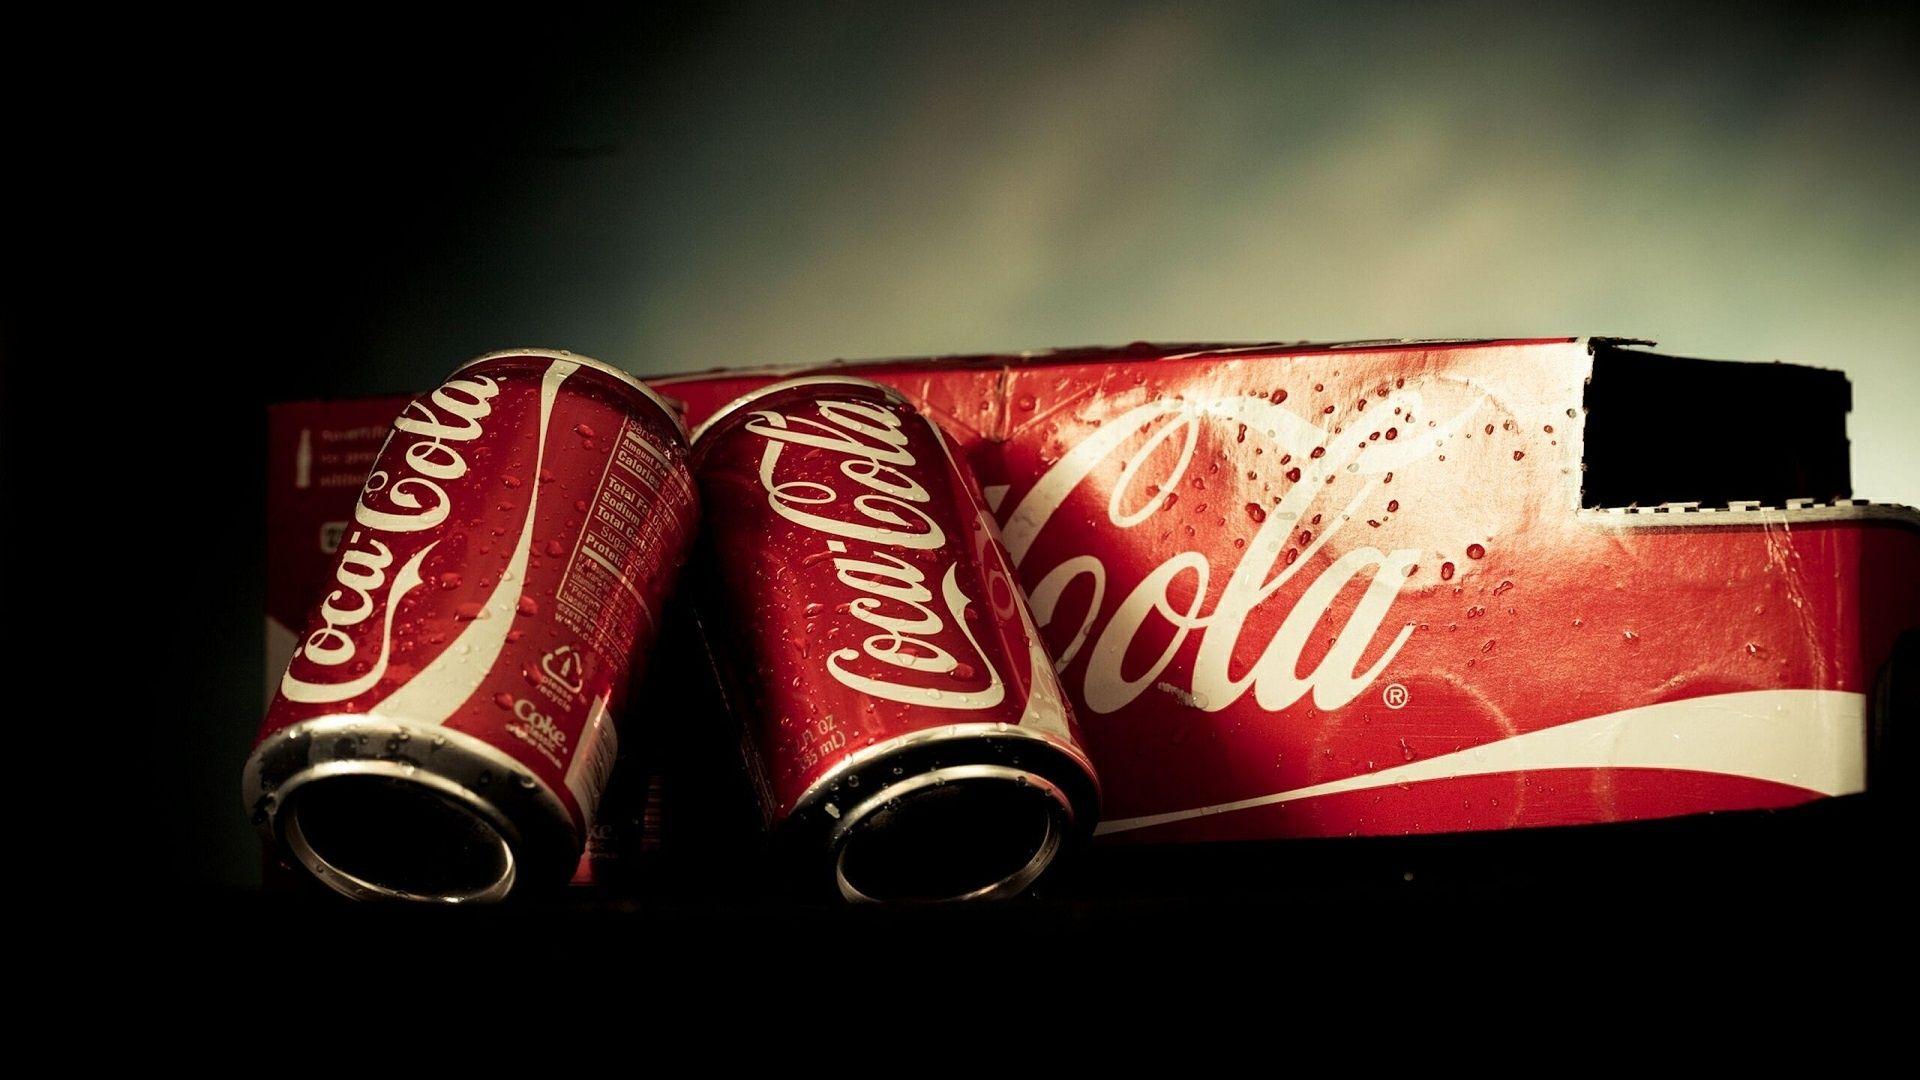 Coca Cola download free wallpaper image search